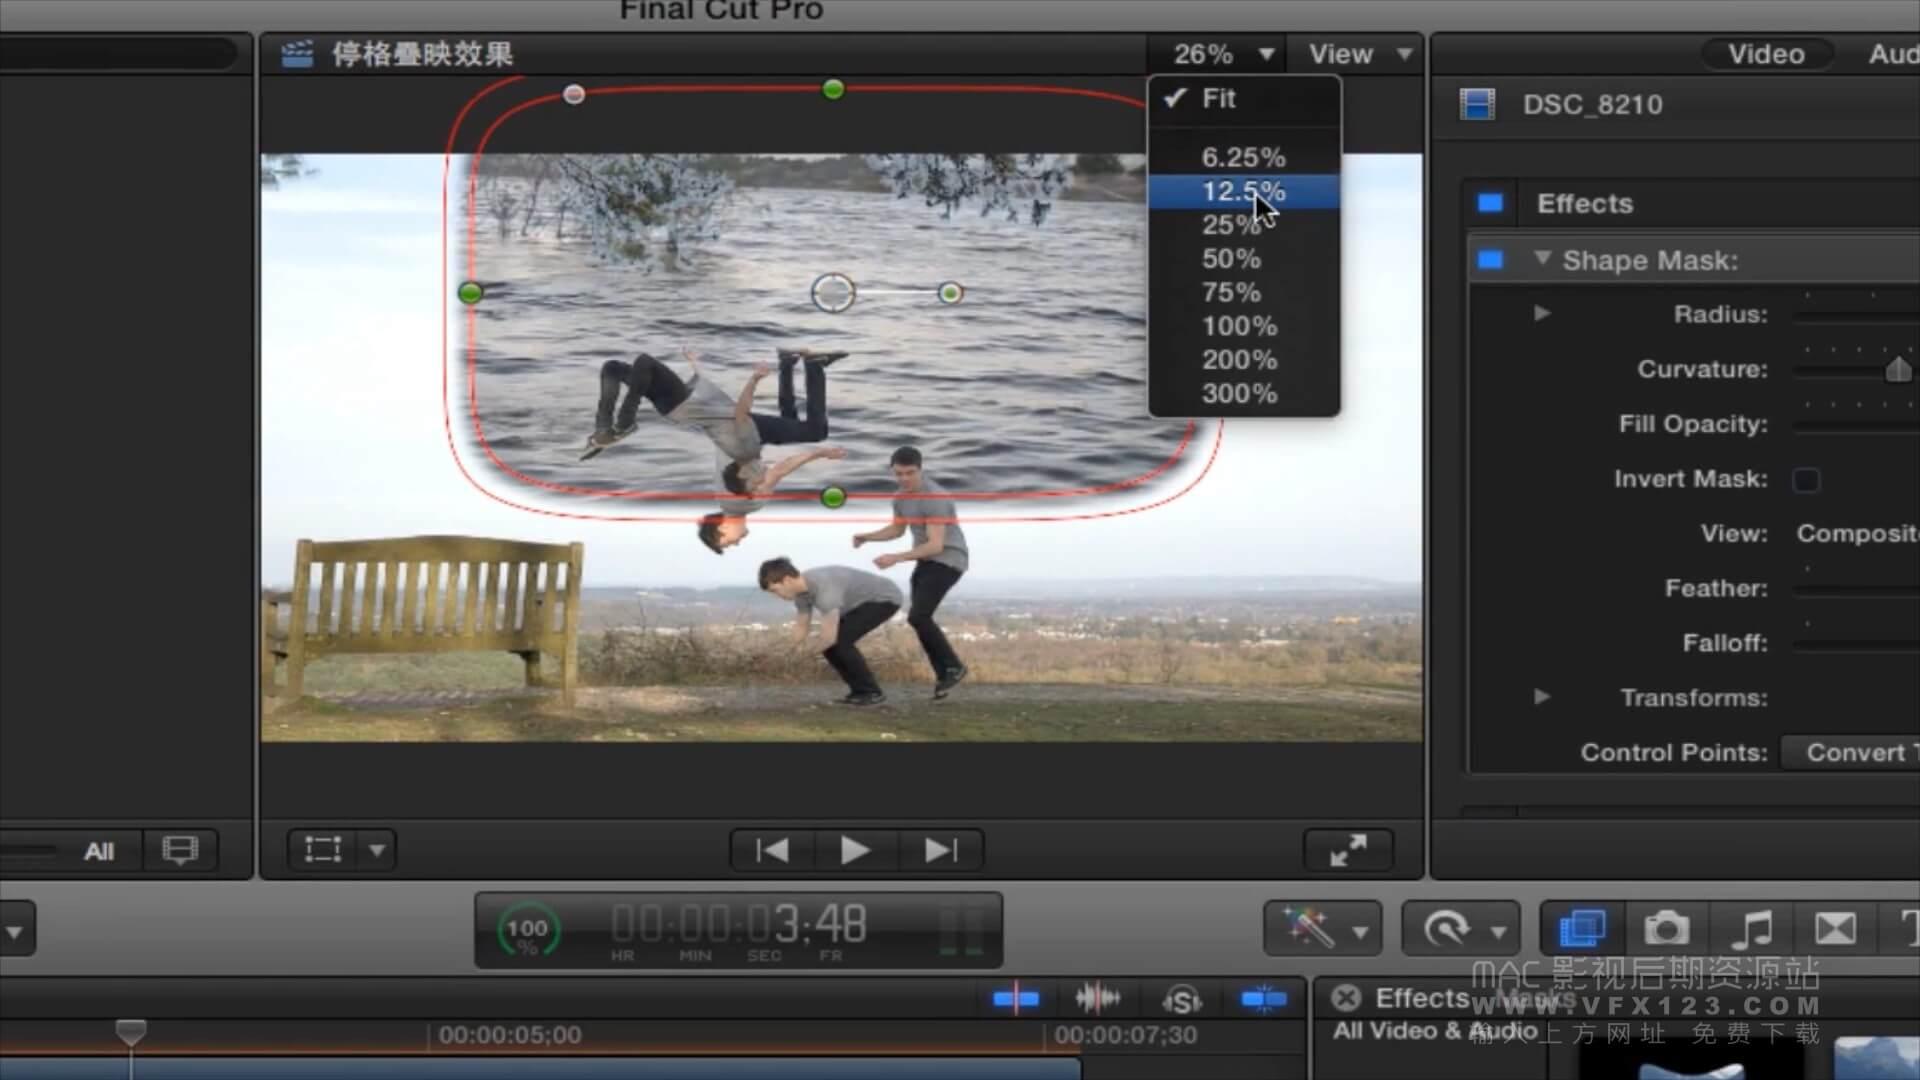 第55课:Final Cut Pro X中如何制作停格叠影效果